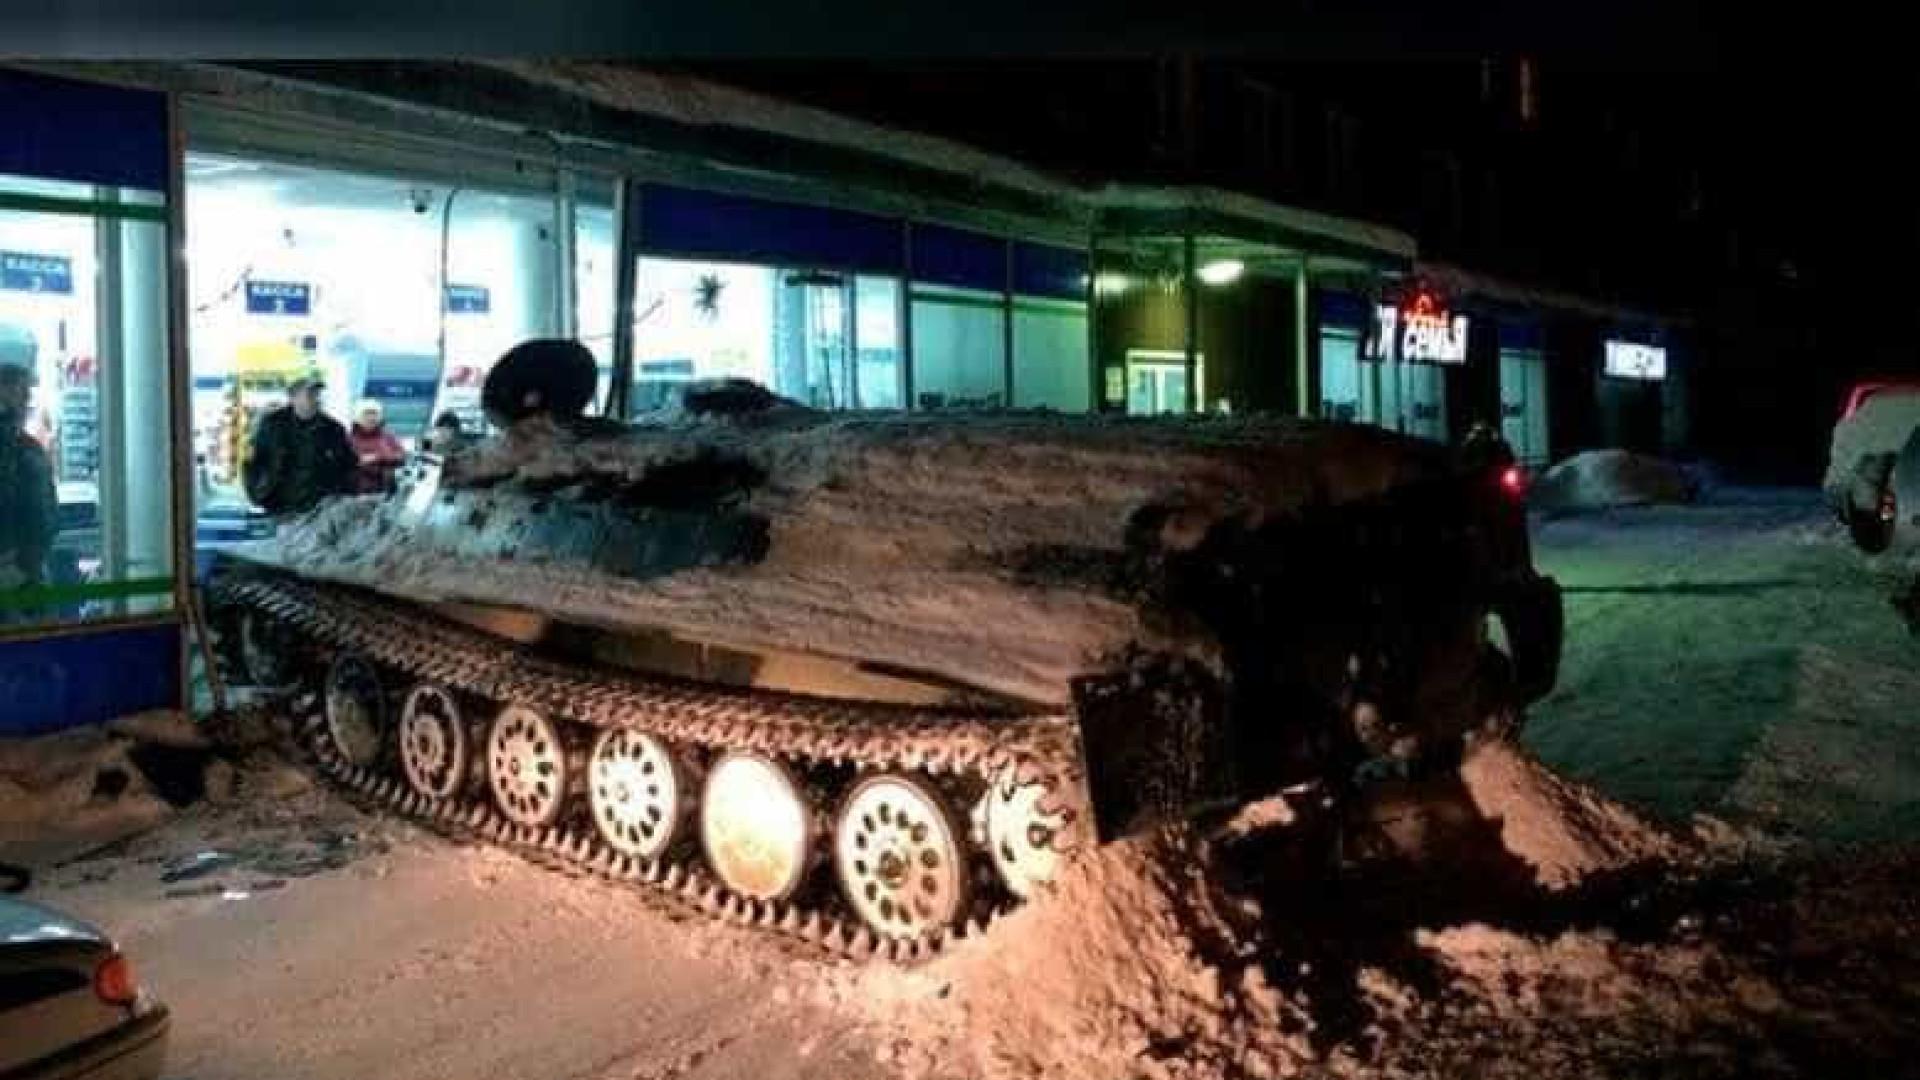 Usa tanque de guerra para roubar garrafa de vinho — Vídeo